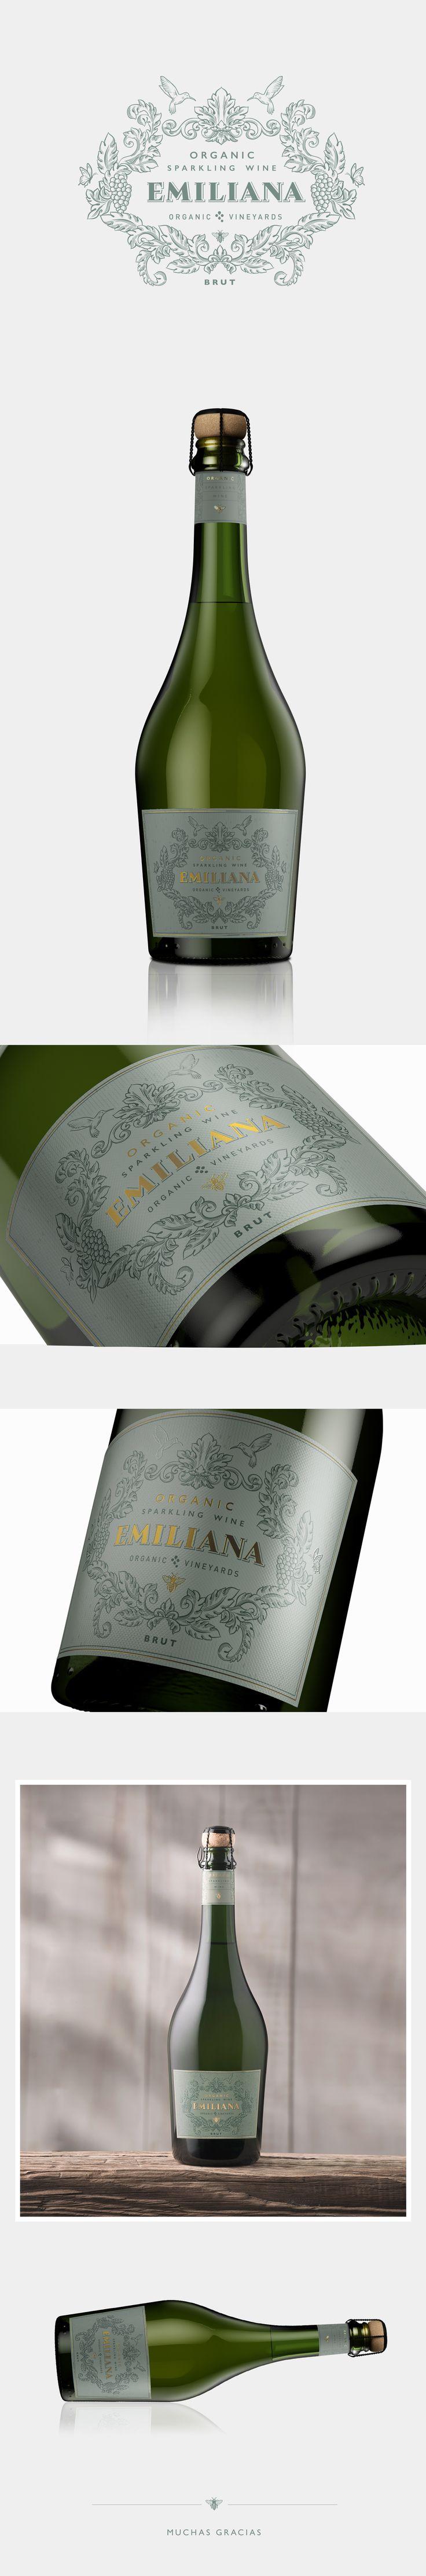 Organic Sparkling Wine | EMILIANA on Behance